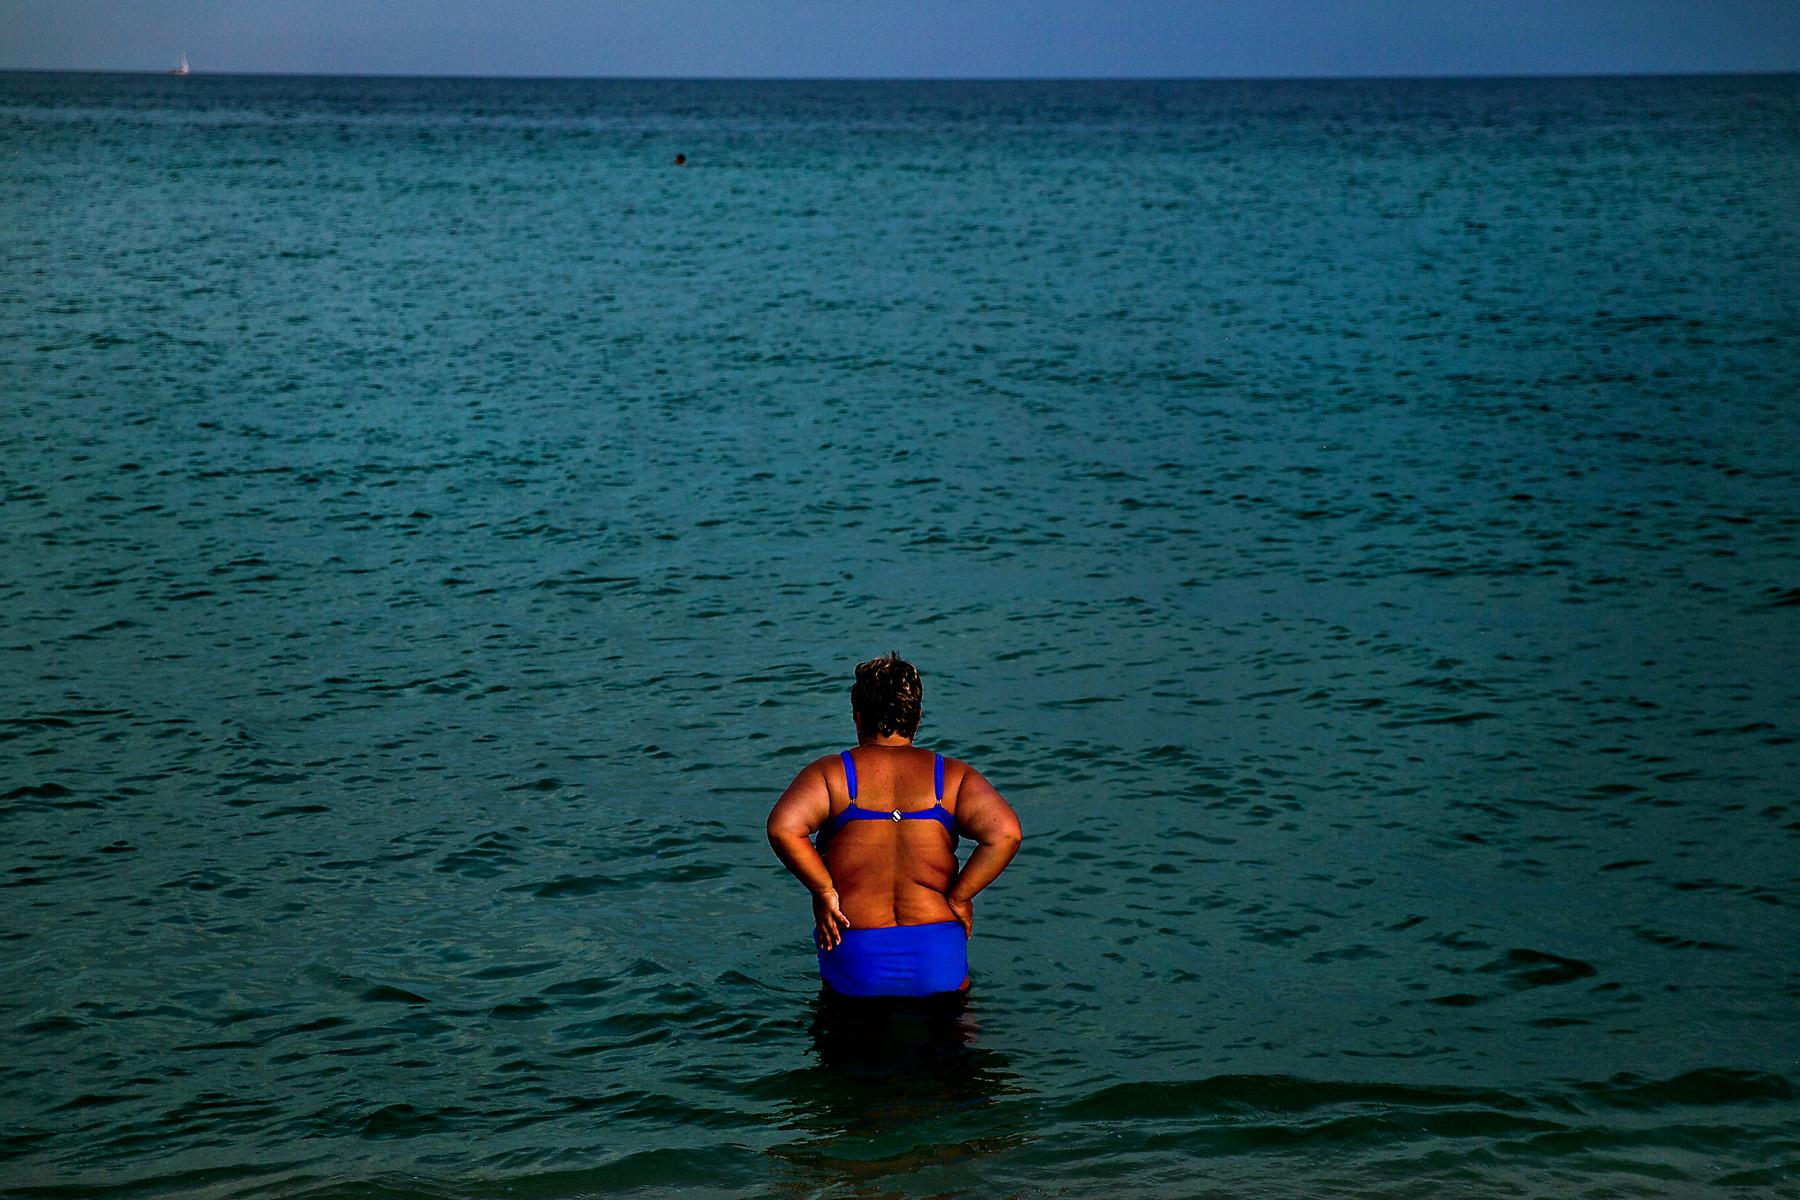 waterwander_01website.jpg